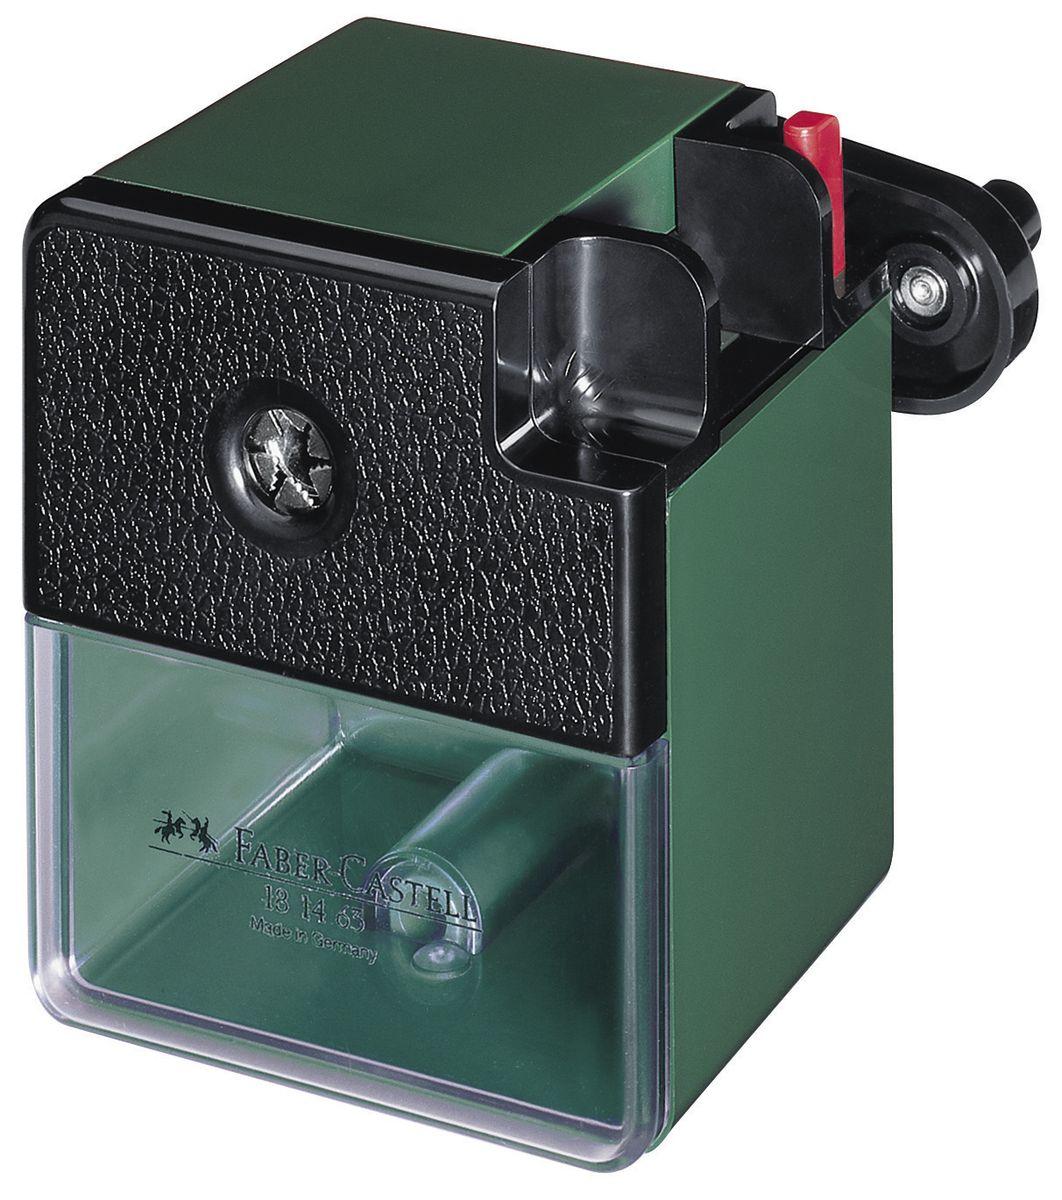 Faber-Castell Точилка настольная цвет темно-зеленый181463Точилка Faber-Castell - удобный и практичный инструмент в повседневной офисной работе. Точилка из высококачественного пластика оснащена рукояткой с механизмом кругового вращения и съемным контейнером для стружки. Вращающийся, остро заточенный металлический нож точилки обеспечивает бережную и качественную заточку круглых, шестигранных и трехгранных карандашей. В комплекте с точилкой предусмотрено крепление к столу.